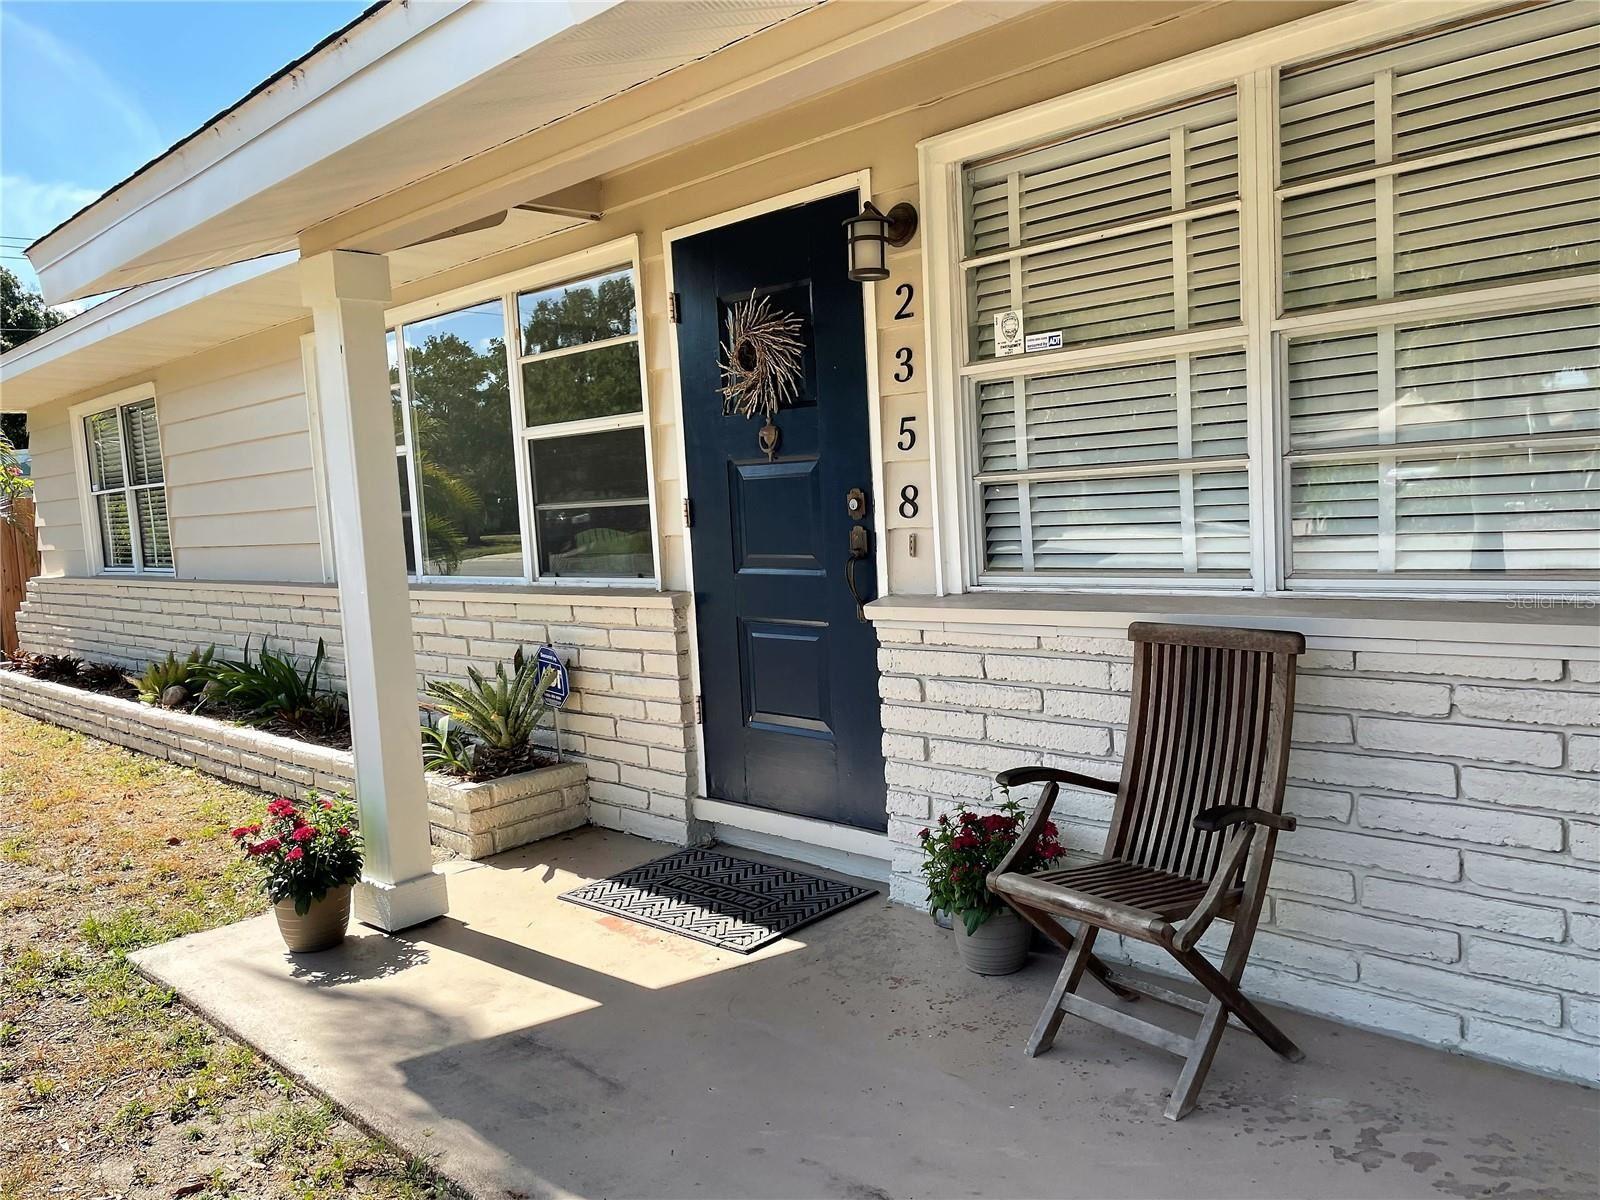 2358 MILFORD CIRCLE, Sarasota, FL 34239 - #: N6115860